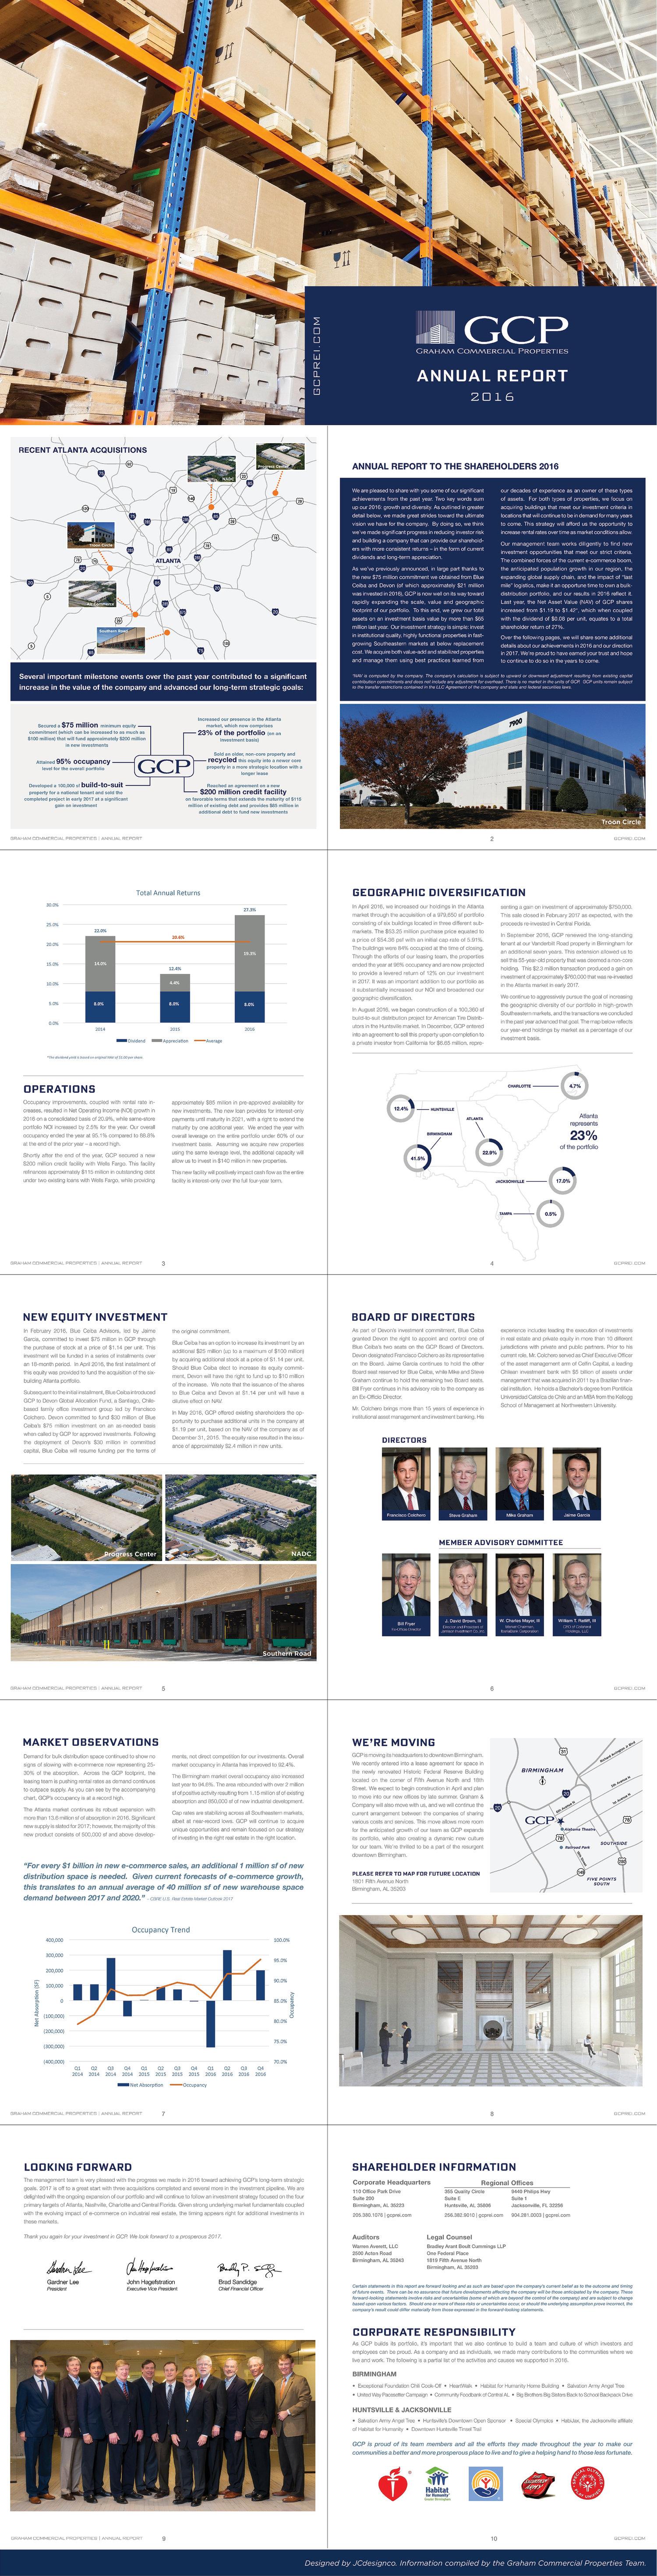 GCP Annual Report